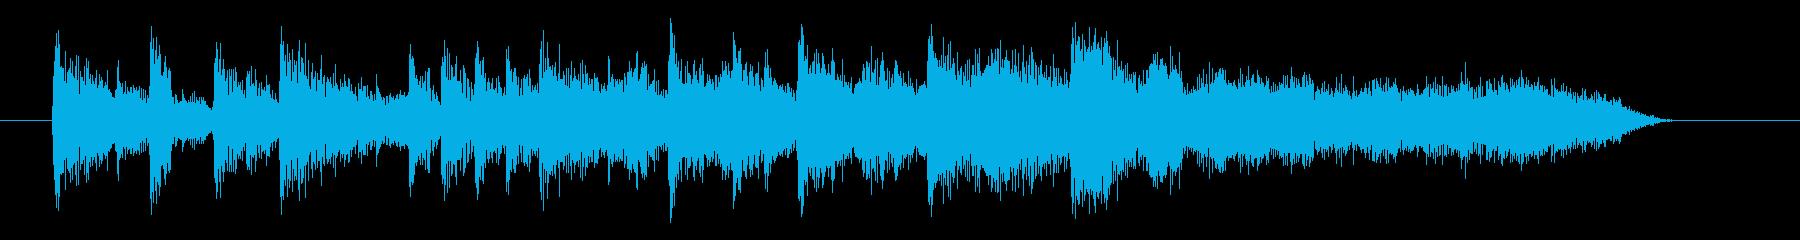 しっとりと繊細なアコギジングルの再生済みの波形